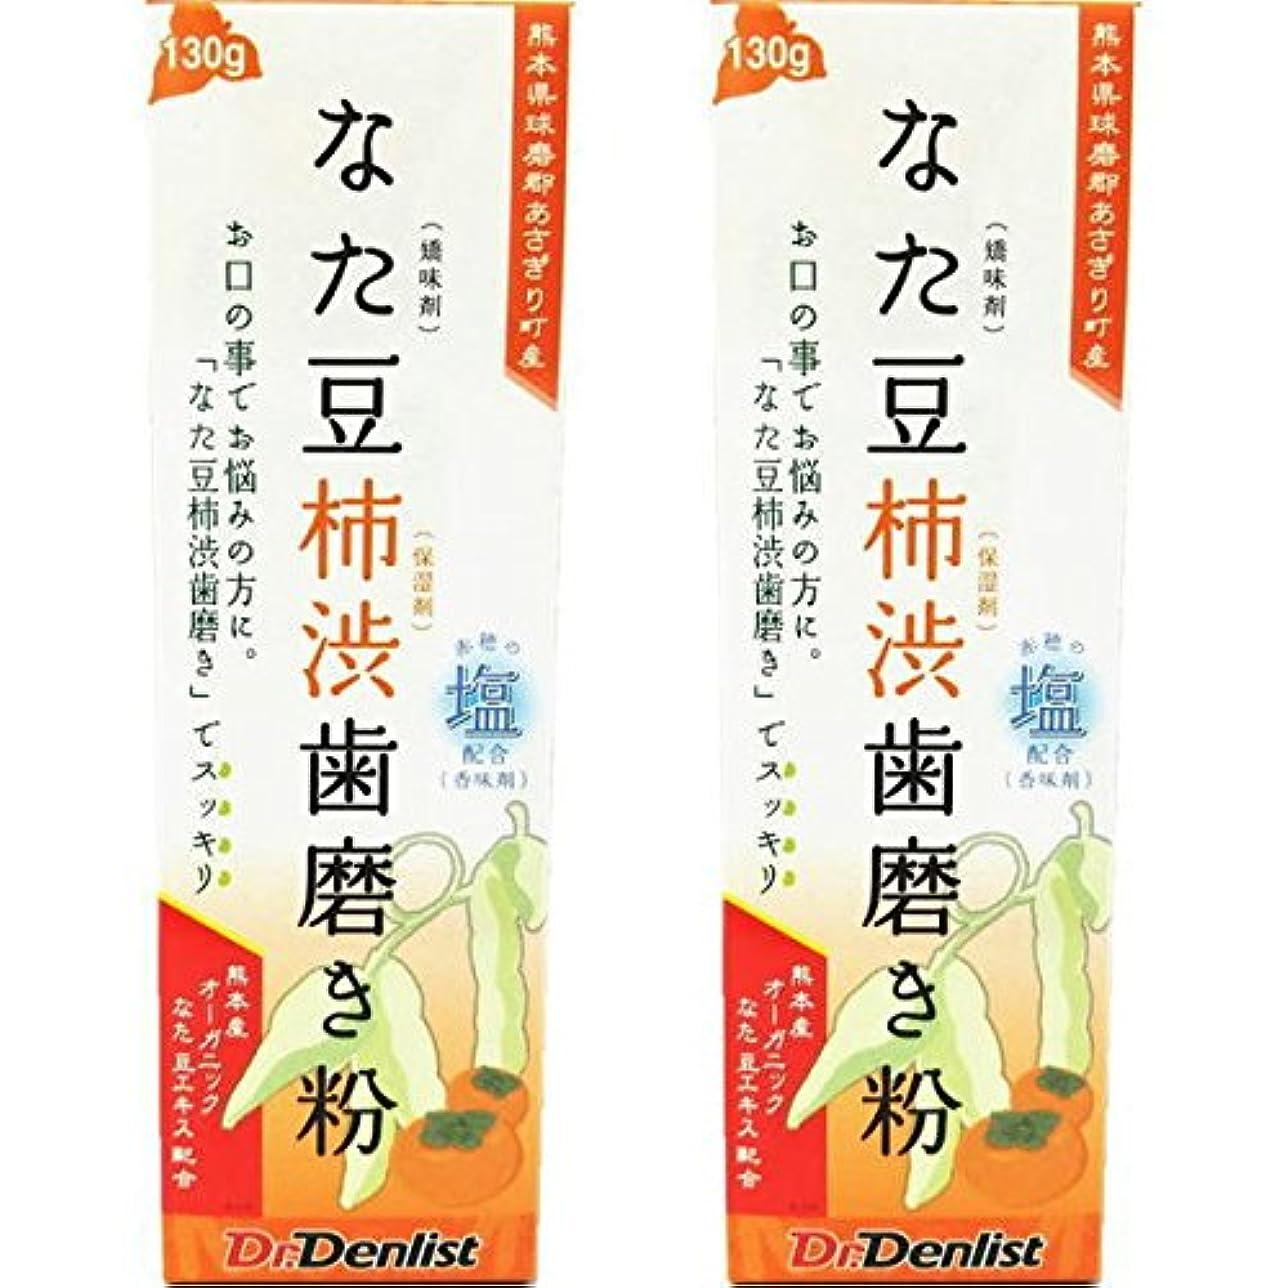 重くする無線伝記なた豆柿渋歯磨き 130g 2個セット 国産 有機なた豆使用 赤穂の塩配合(香味剤)